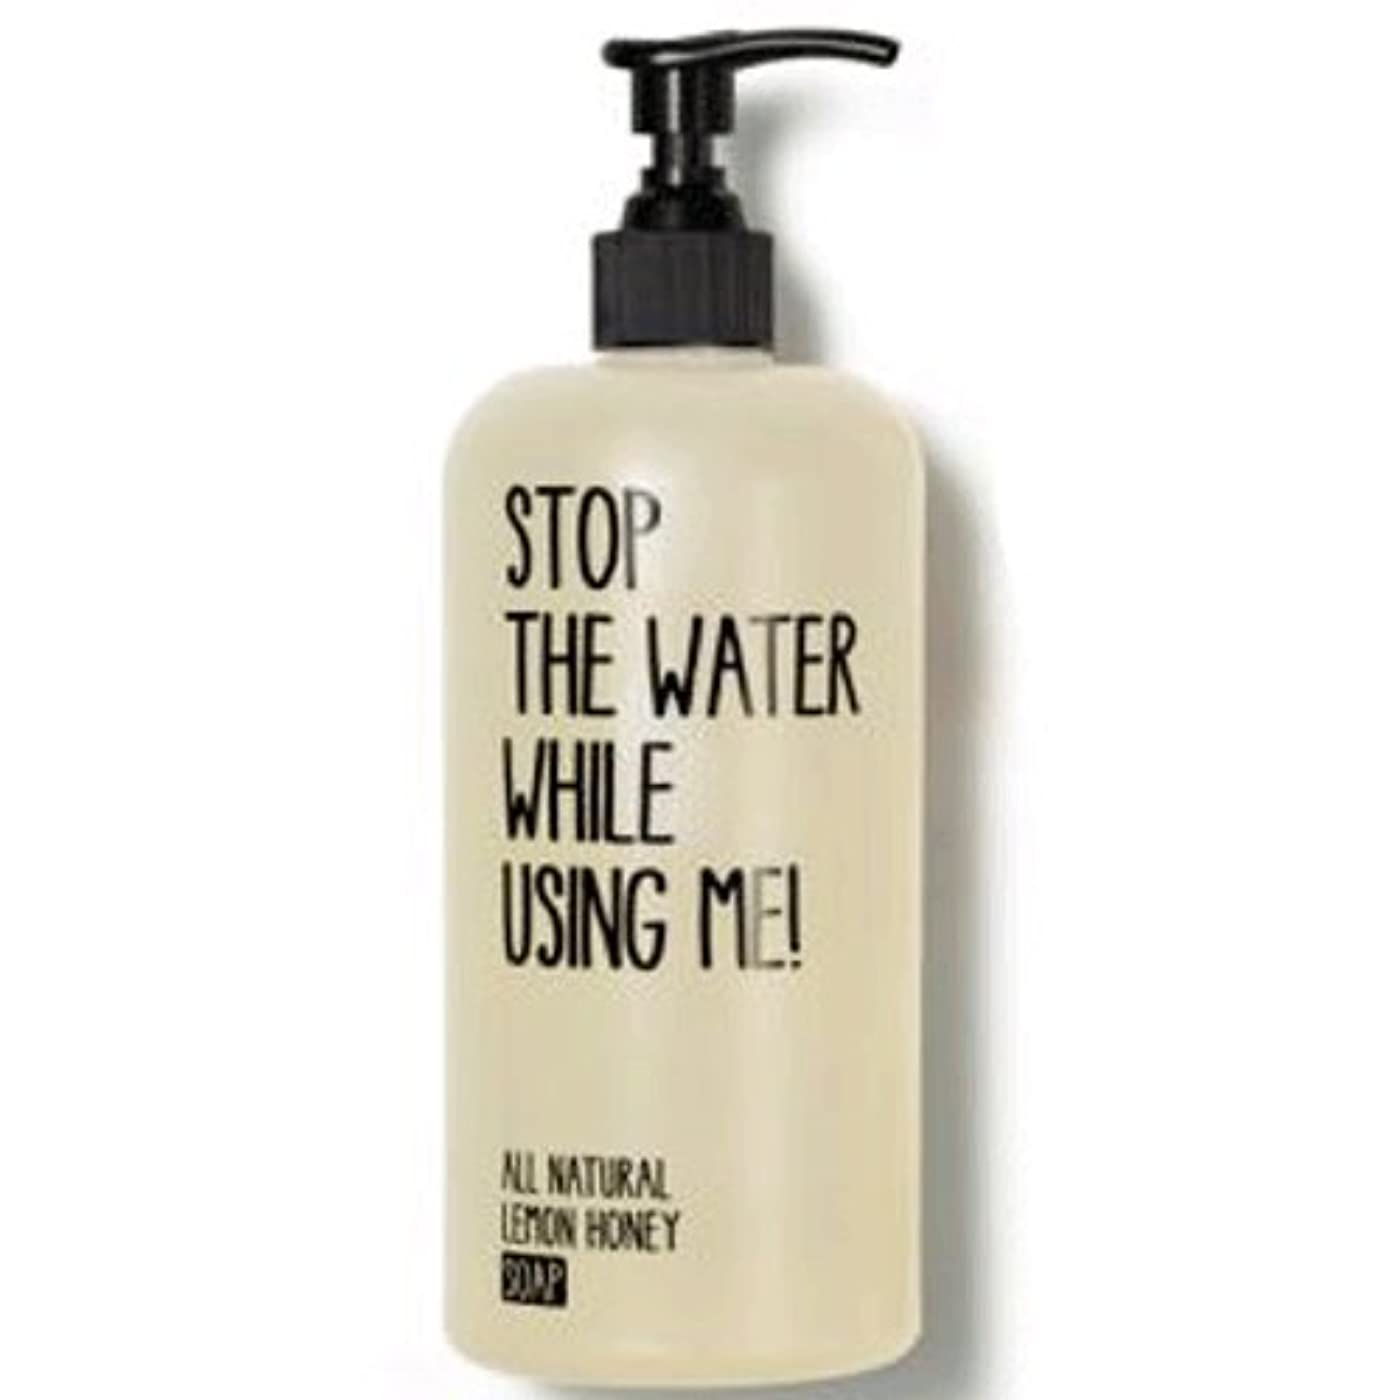 頑固なぬるいアナウンサー【STOP THE WATER WHILE USING ME!】L&Hソープ(レモン&ハニー) 500ml [並行輸入品]